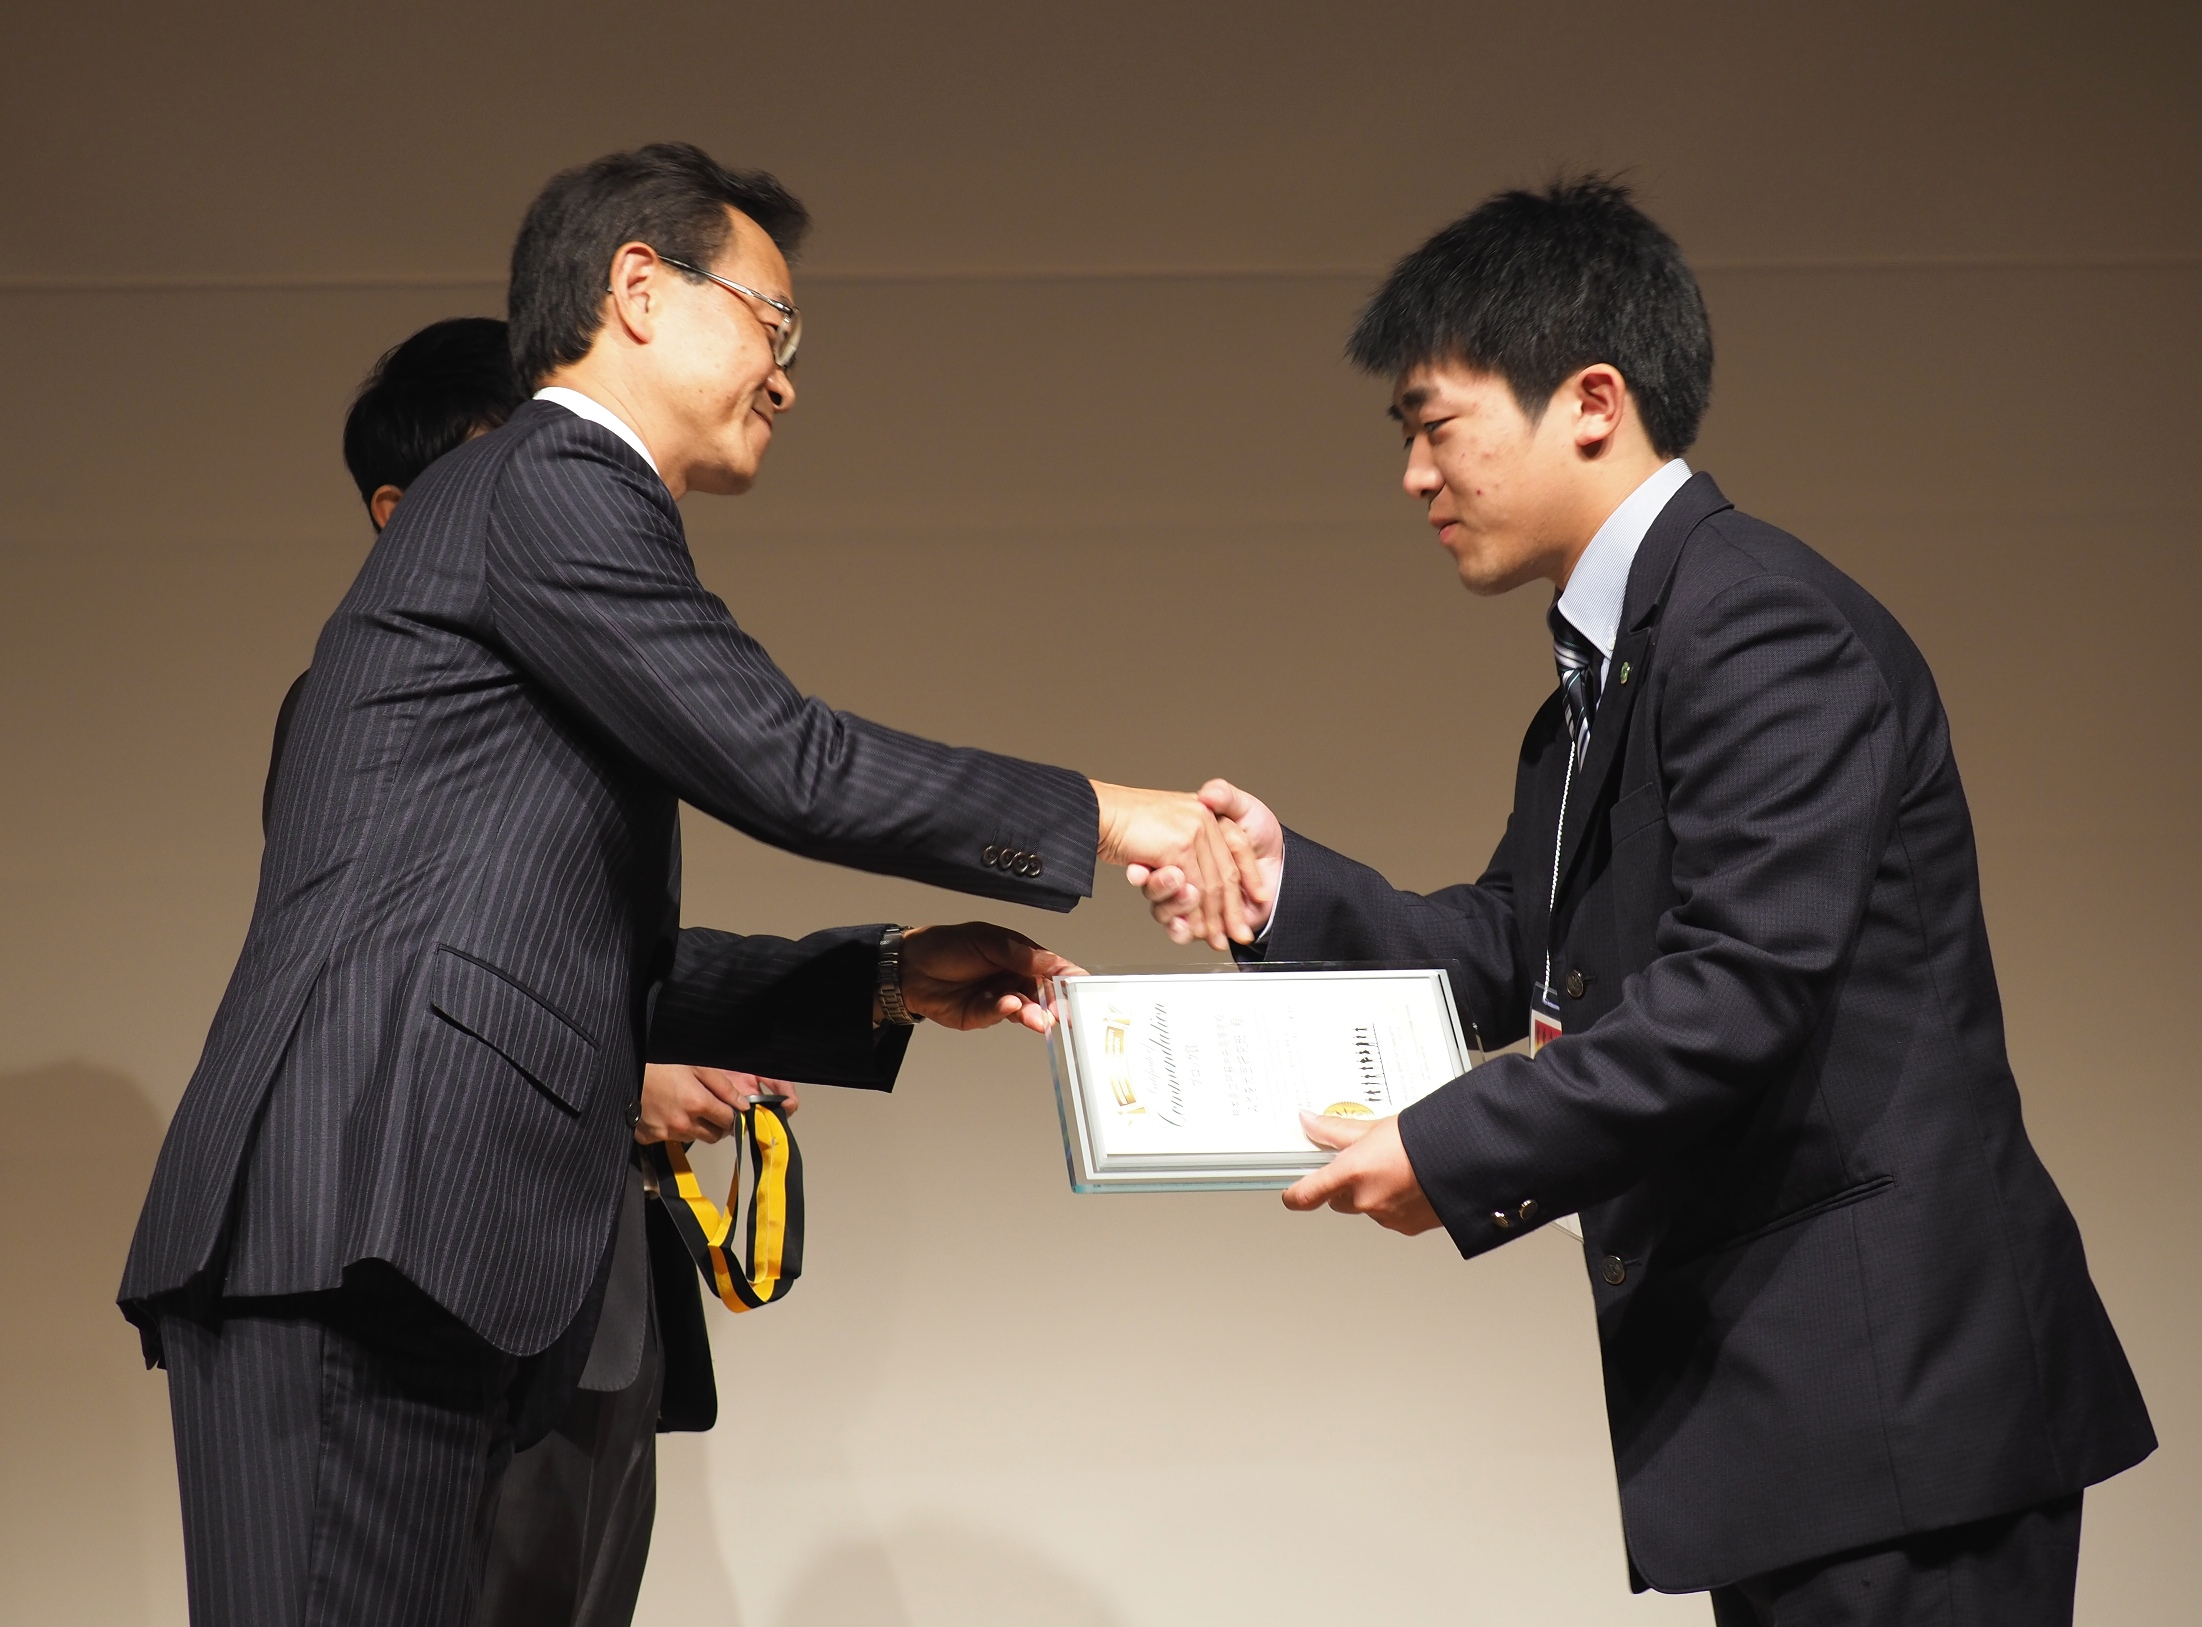 阿蘇中央高みさを大豆研究班の荒牧剛士さんも表彰状を受け取り思わず笑みがこぼれる。